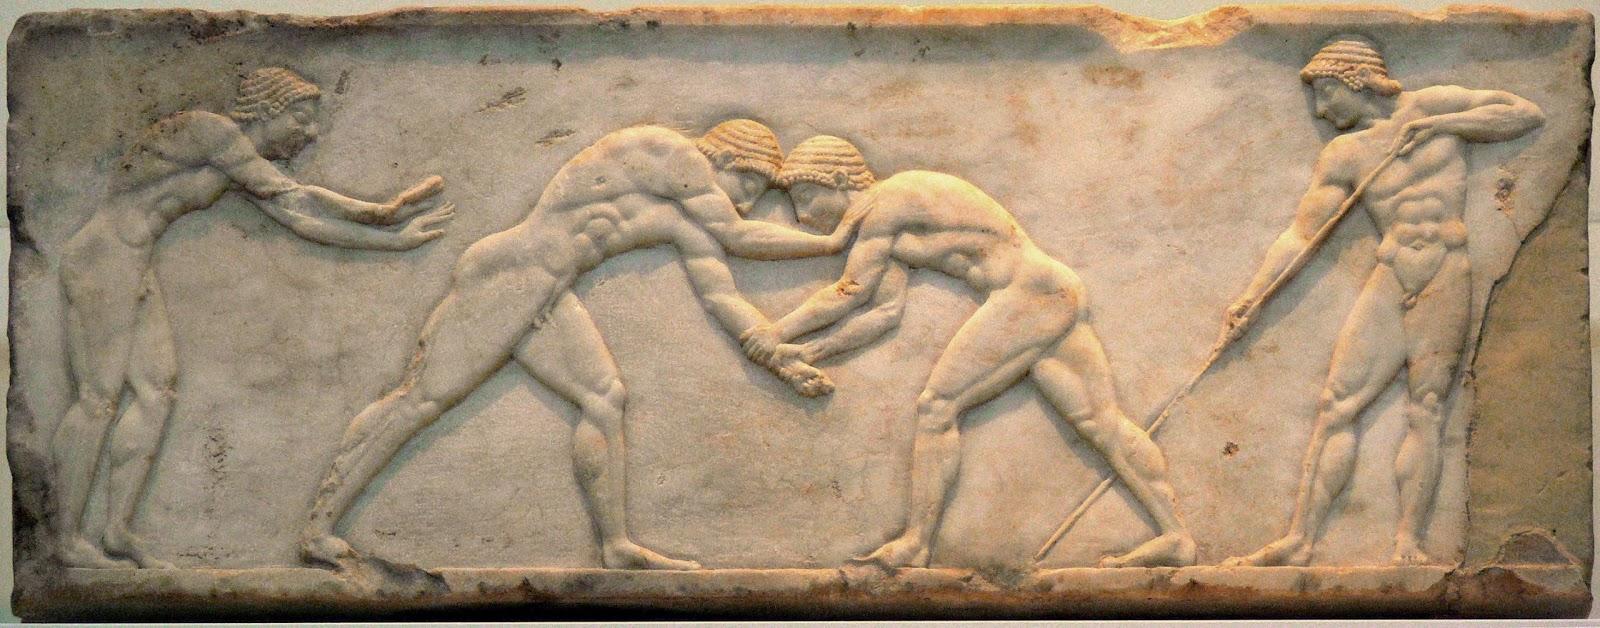 Οι αρχαίοι Ολυμπιακοί Αγώνες (εκπομπή)